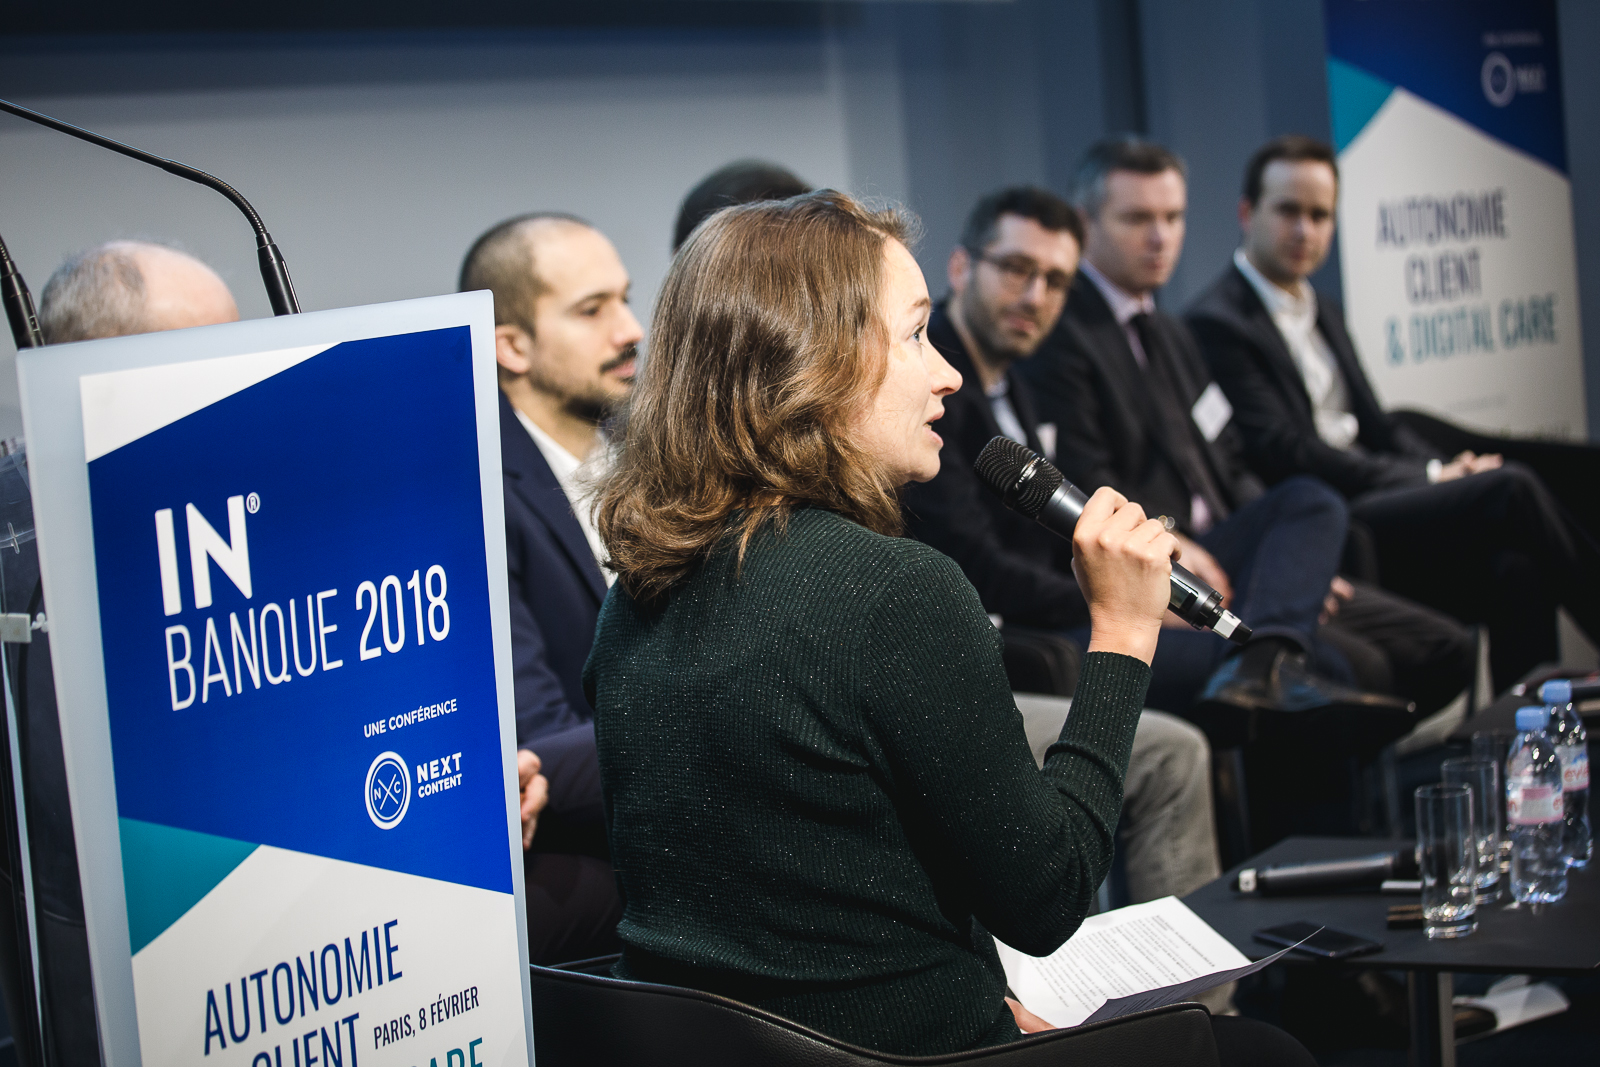 Séverine Leboucher (Revue Banque) - IN BANQUE 2018 - Crédit photo : Guillermo Gomez